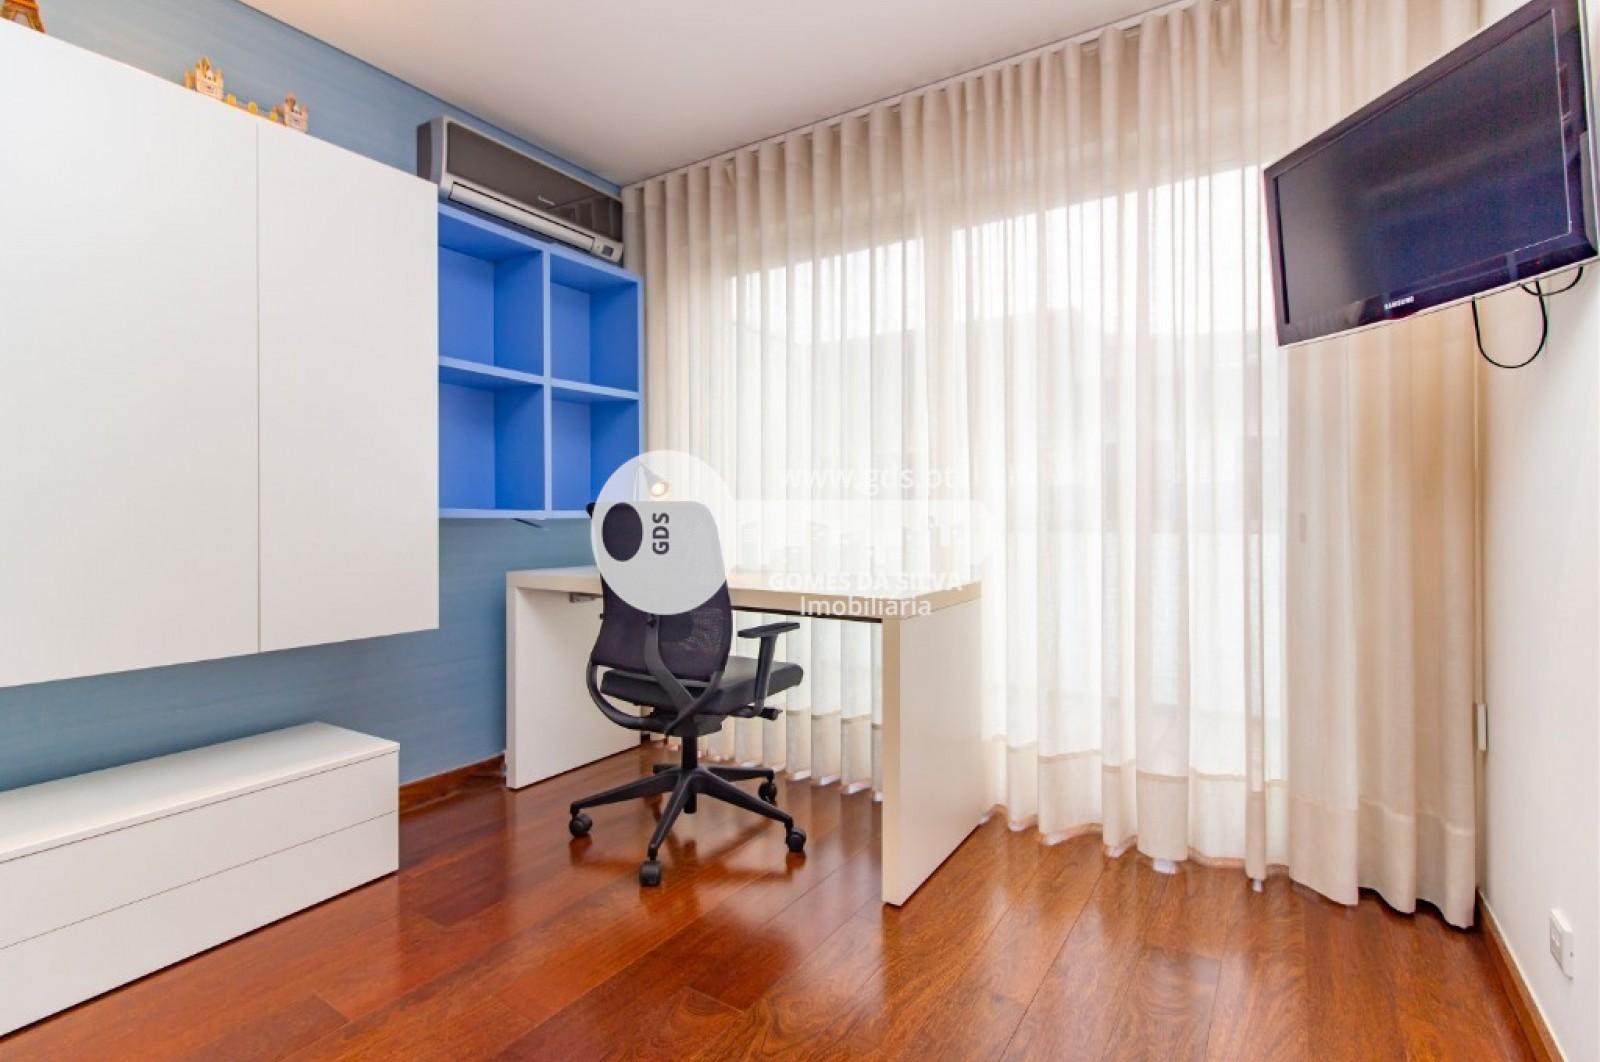 Apartamento T3 para Venda em Nogueira, Fraião e Lamaçães, Braga, Braga - Imagem 37